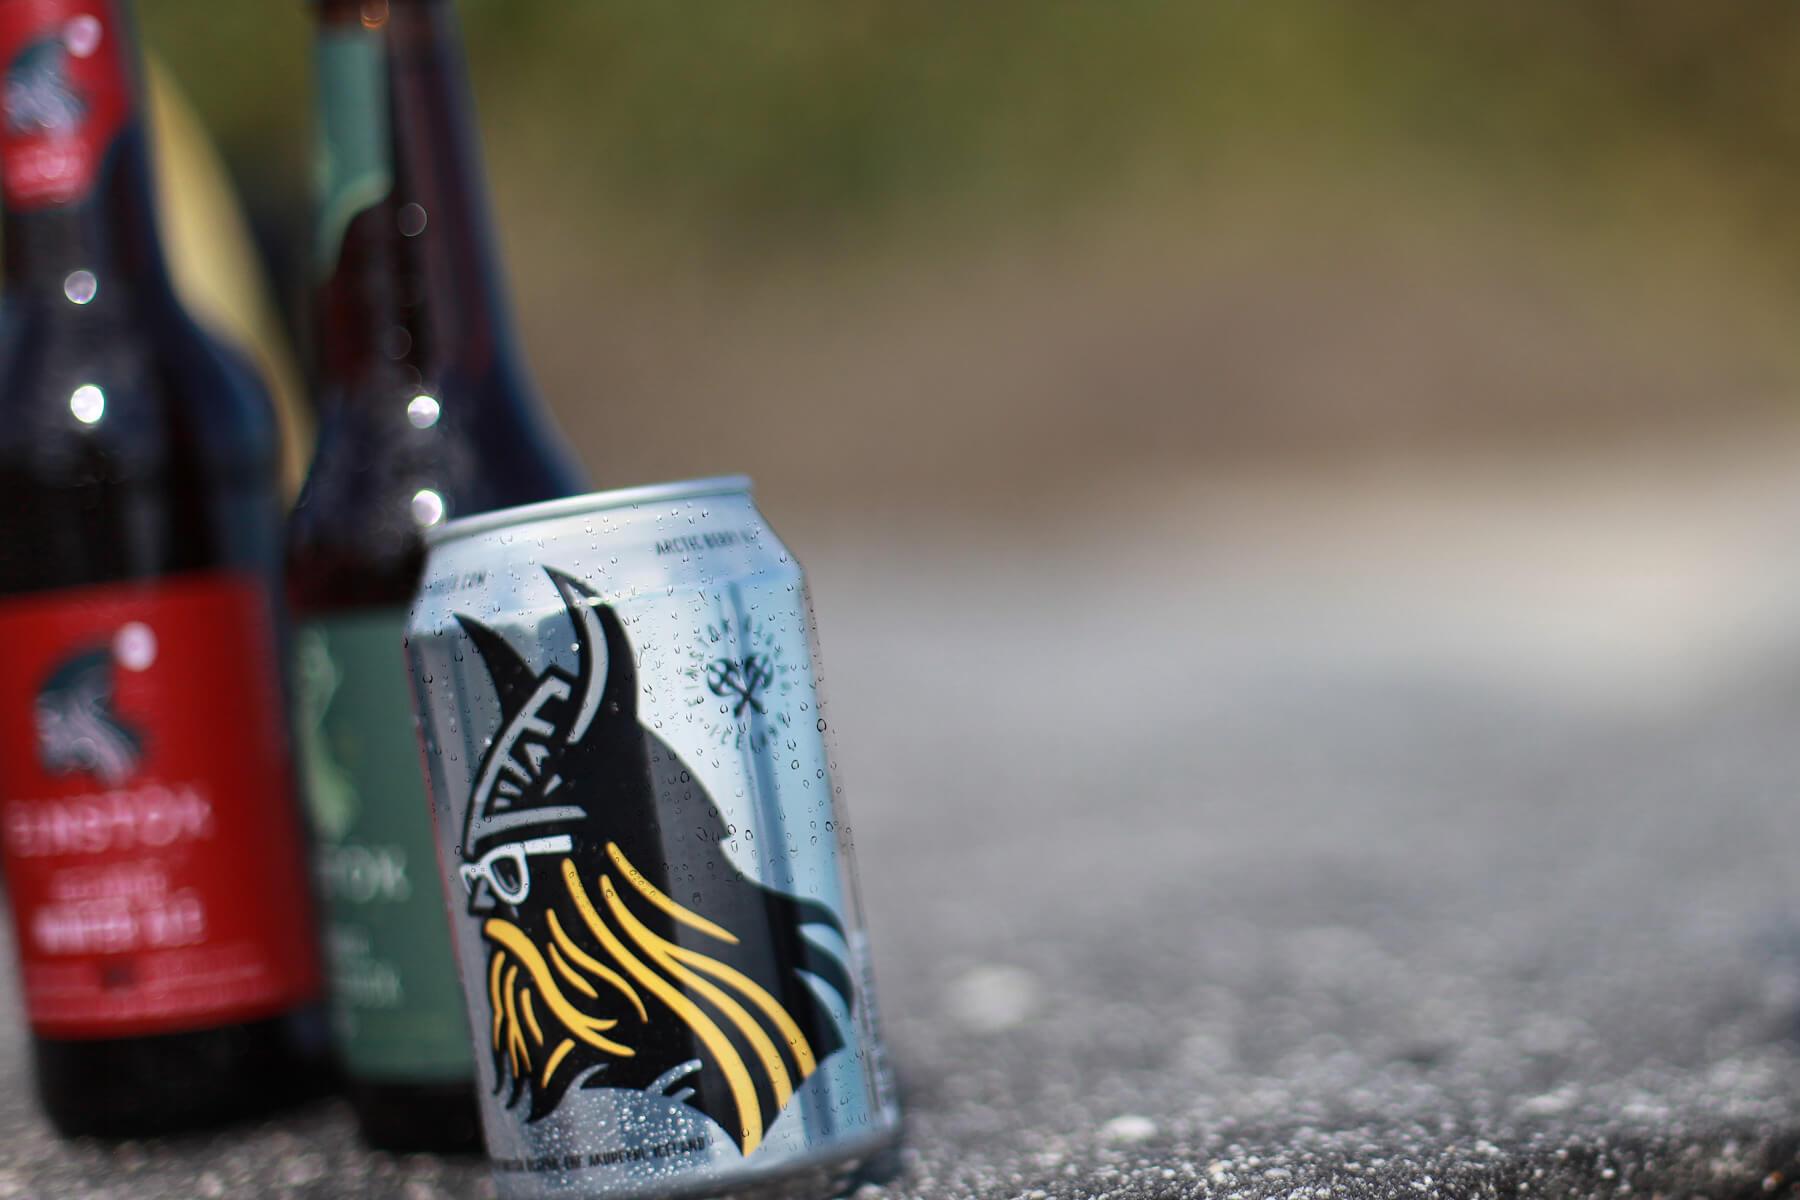 Einstök Brewery Slide